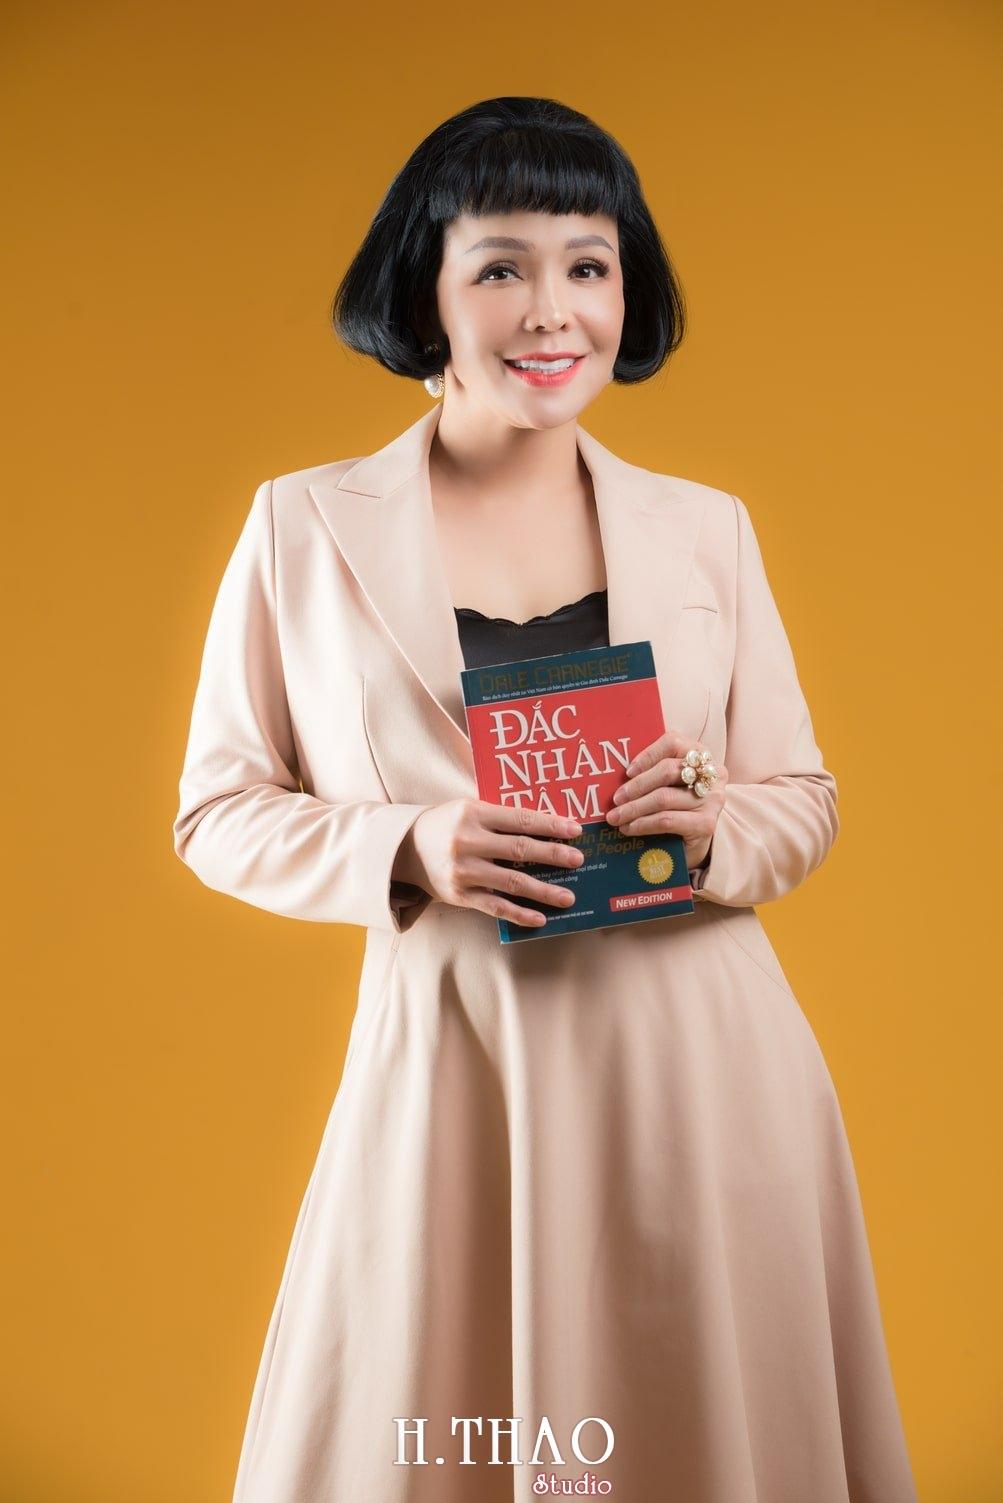 Doanh nhan dao tao 10 - Album nữ doanh nhân ngành đào tạo giải pháp Hoàng Dung